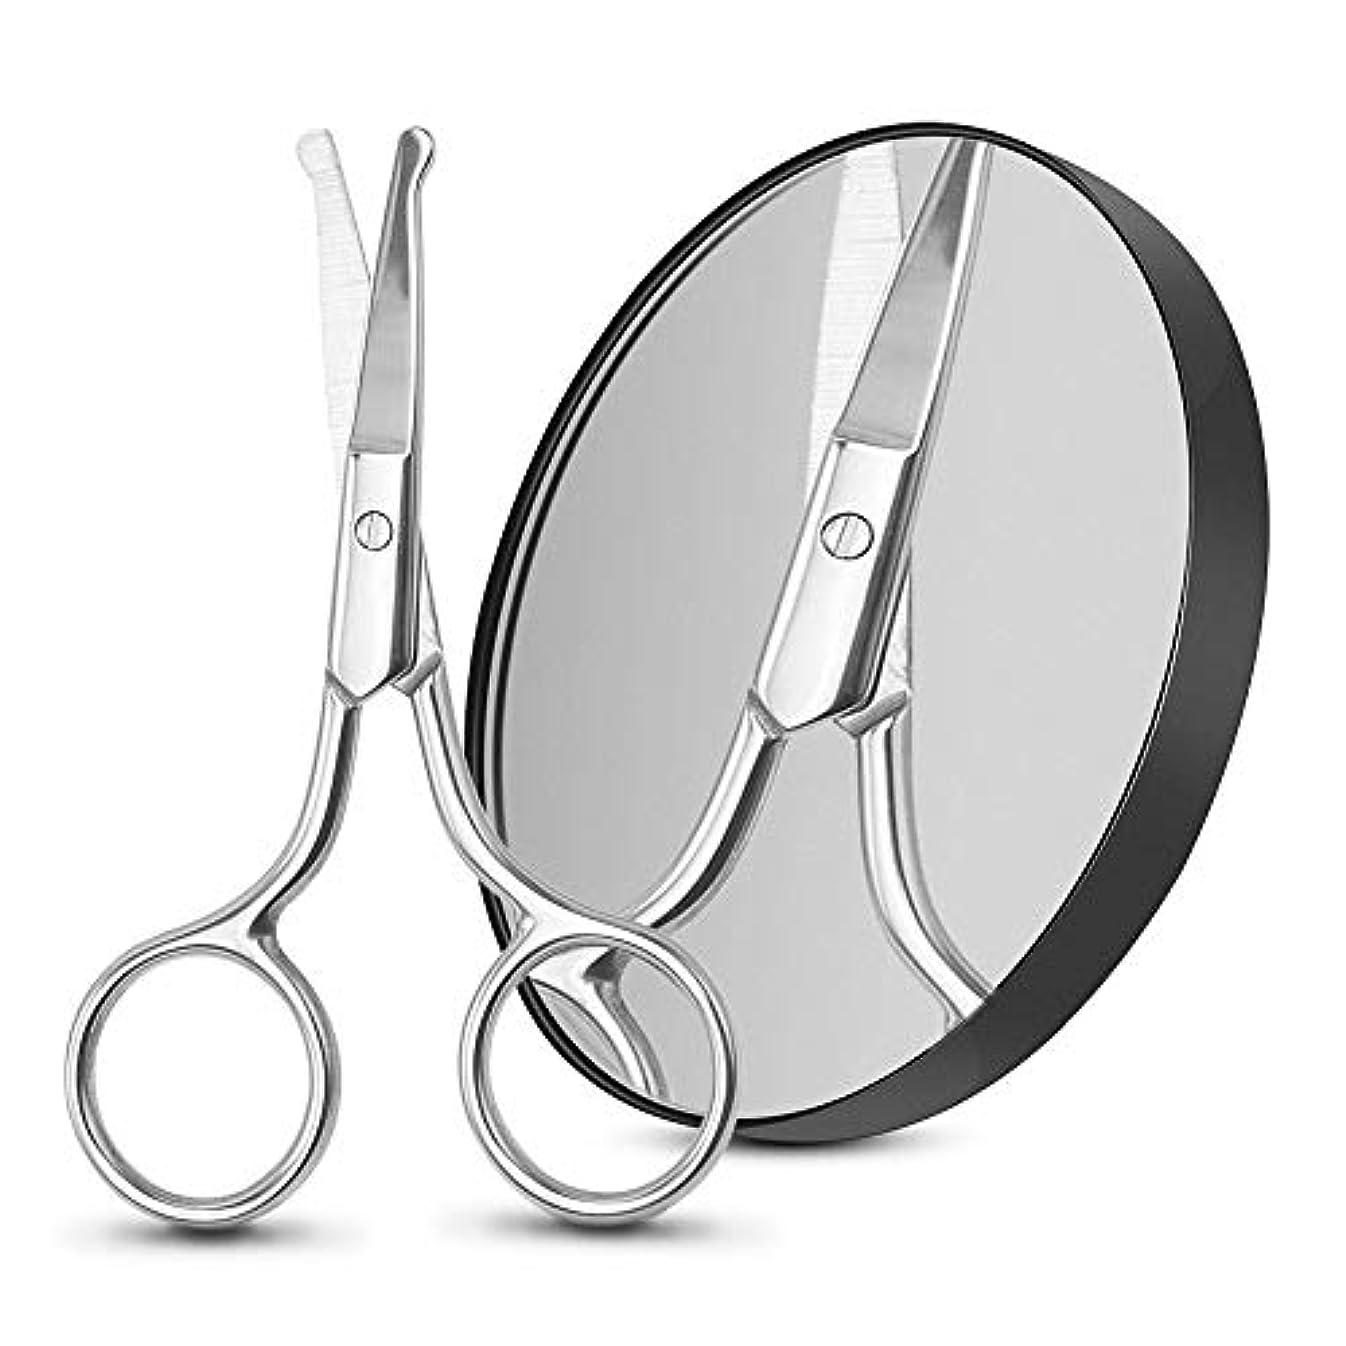 案件ファブリック円形SunBroy 鼻毛はさみ セーフティハサミ 化粧 眉毛 まつげ はさみ 顔の毛 乾燥肌のカット用 5倍拡大鏡付き